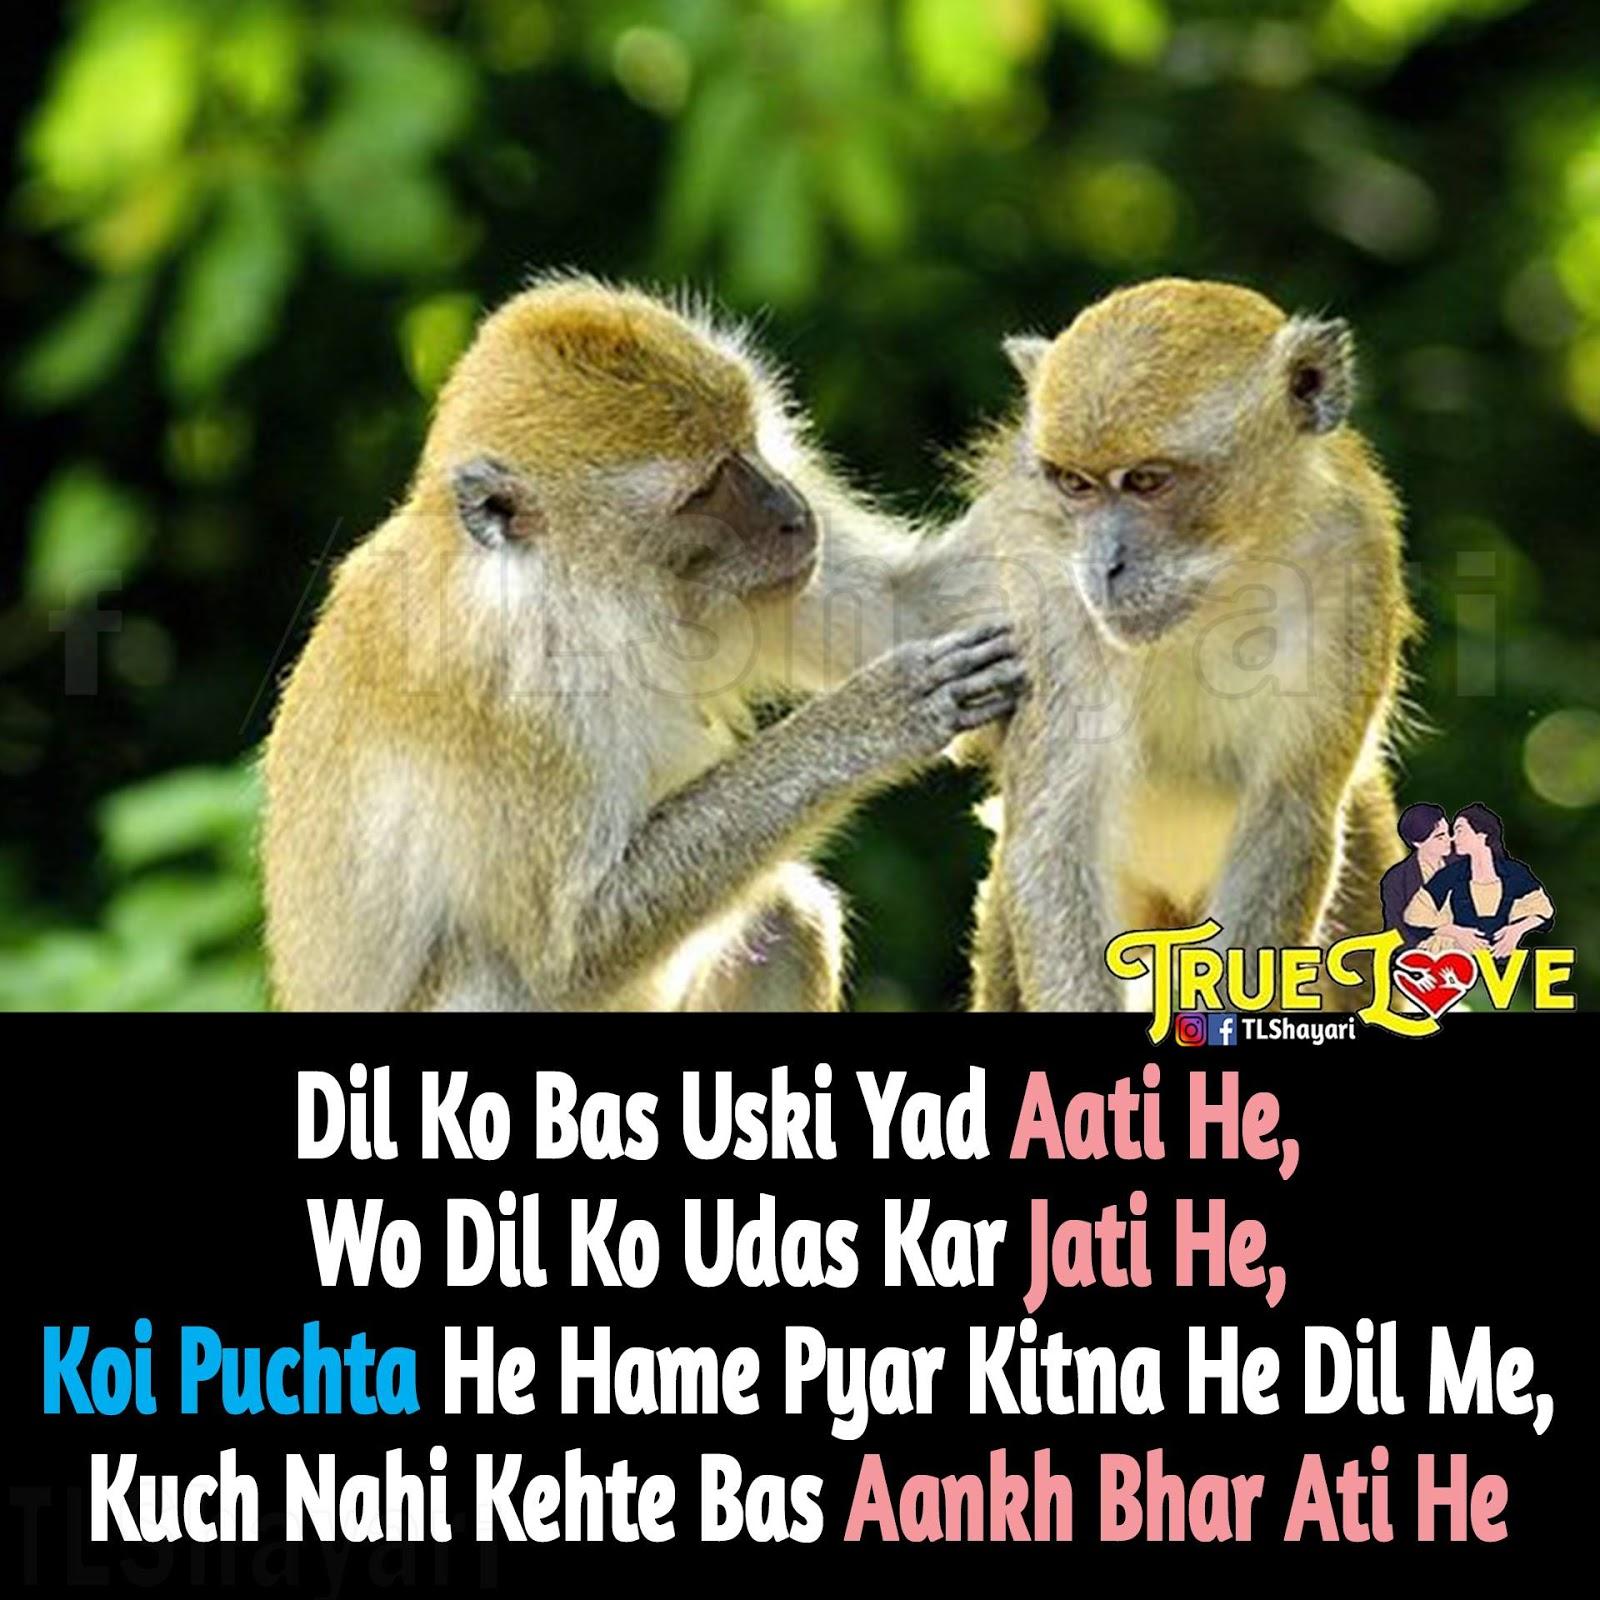 18 - Sad Shayari : Kuch Nahi Kehte Bas Aankh Bhar Ati He...